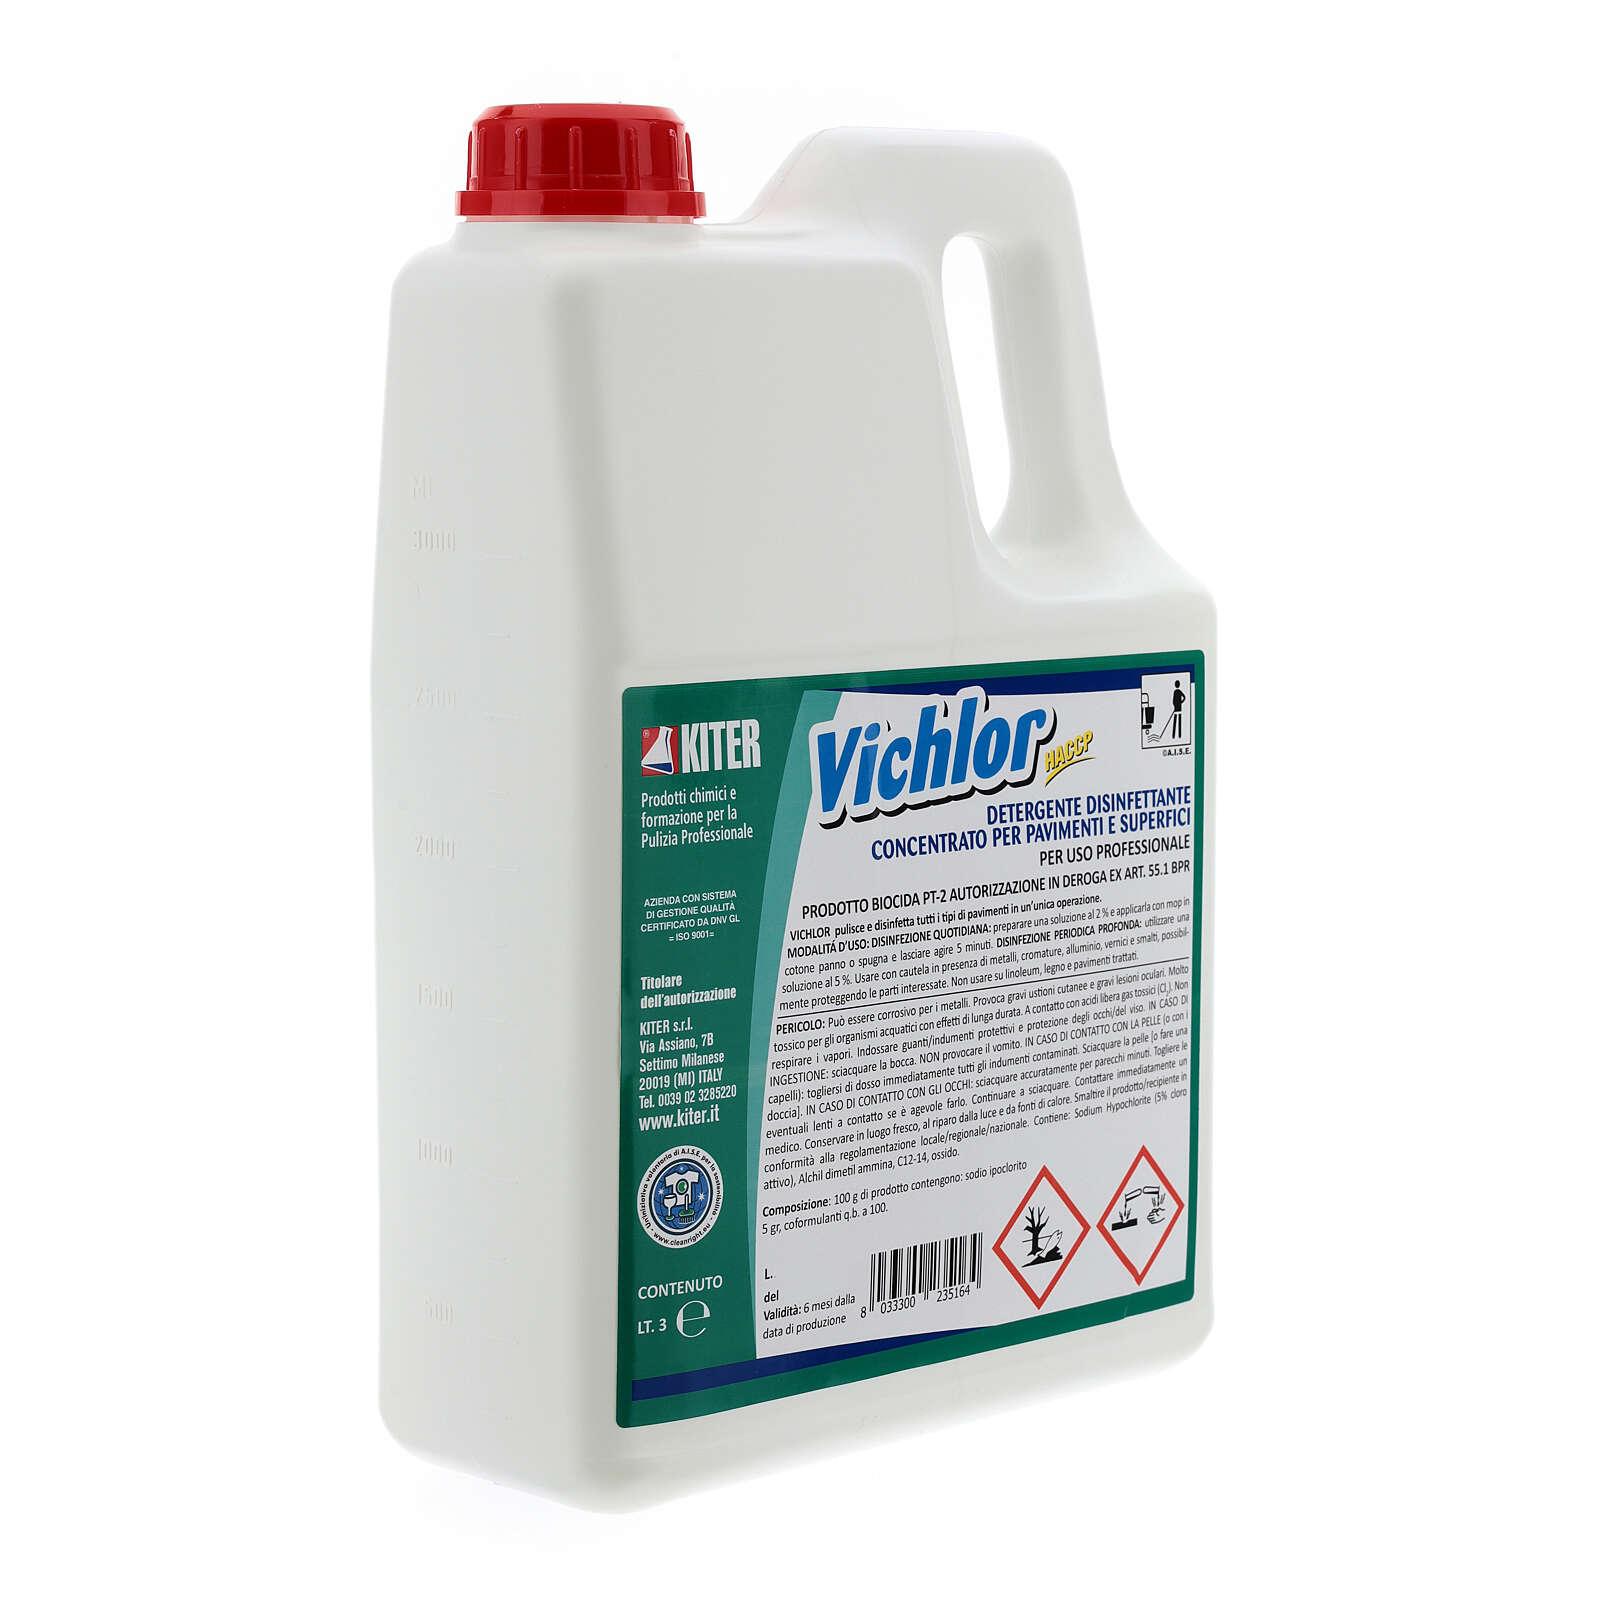 Vichlor disinfettante Biocida 3 Litri 3